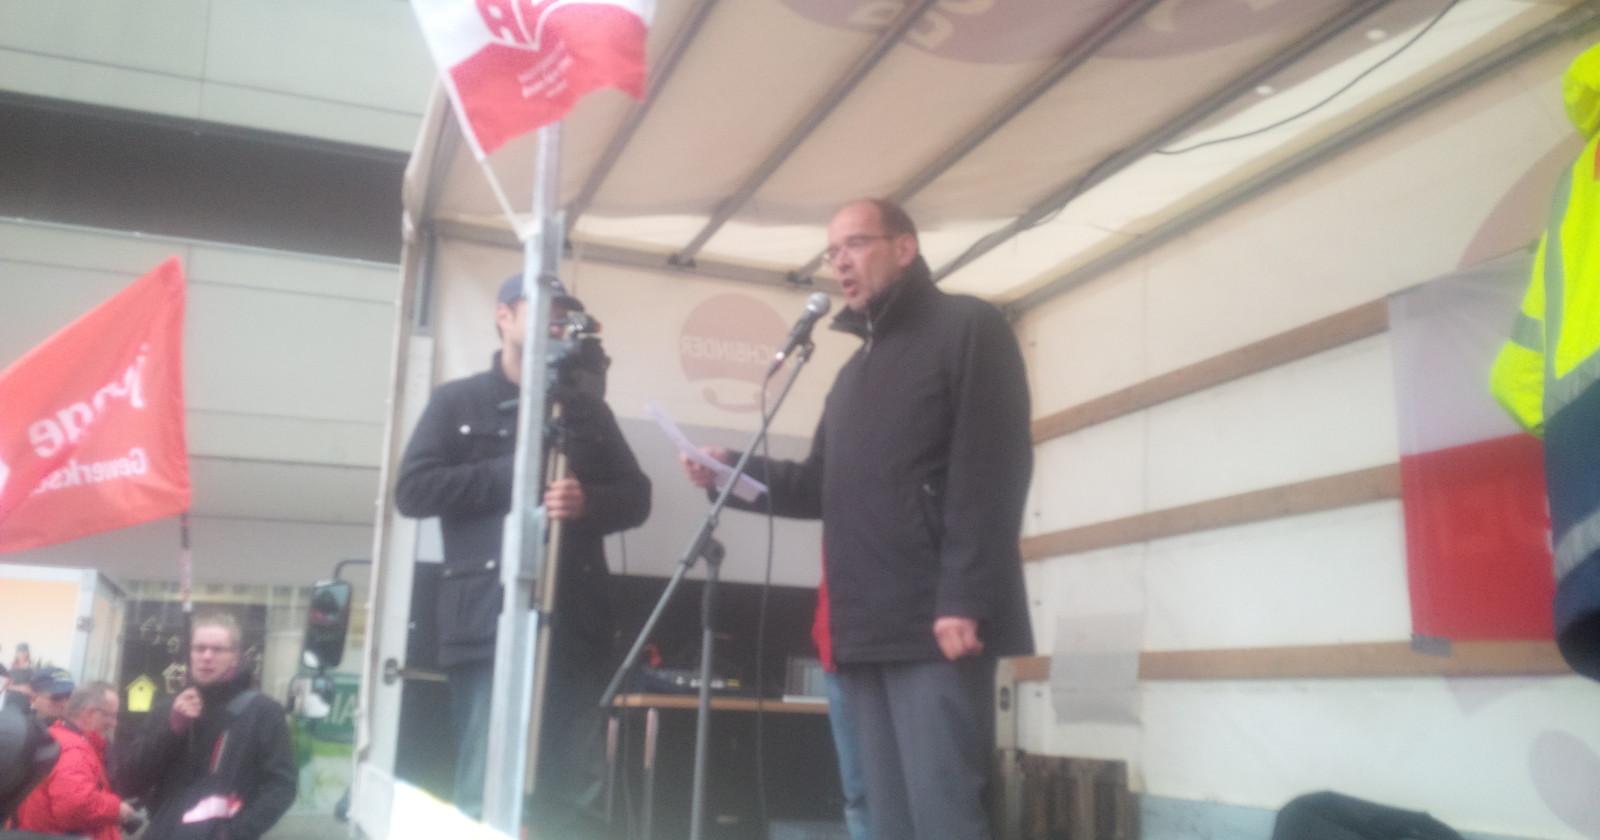 Essen live +++ 12:00 NRW-Arbeitsminister spricht+++